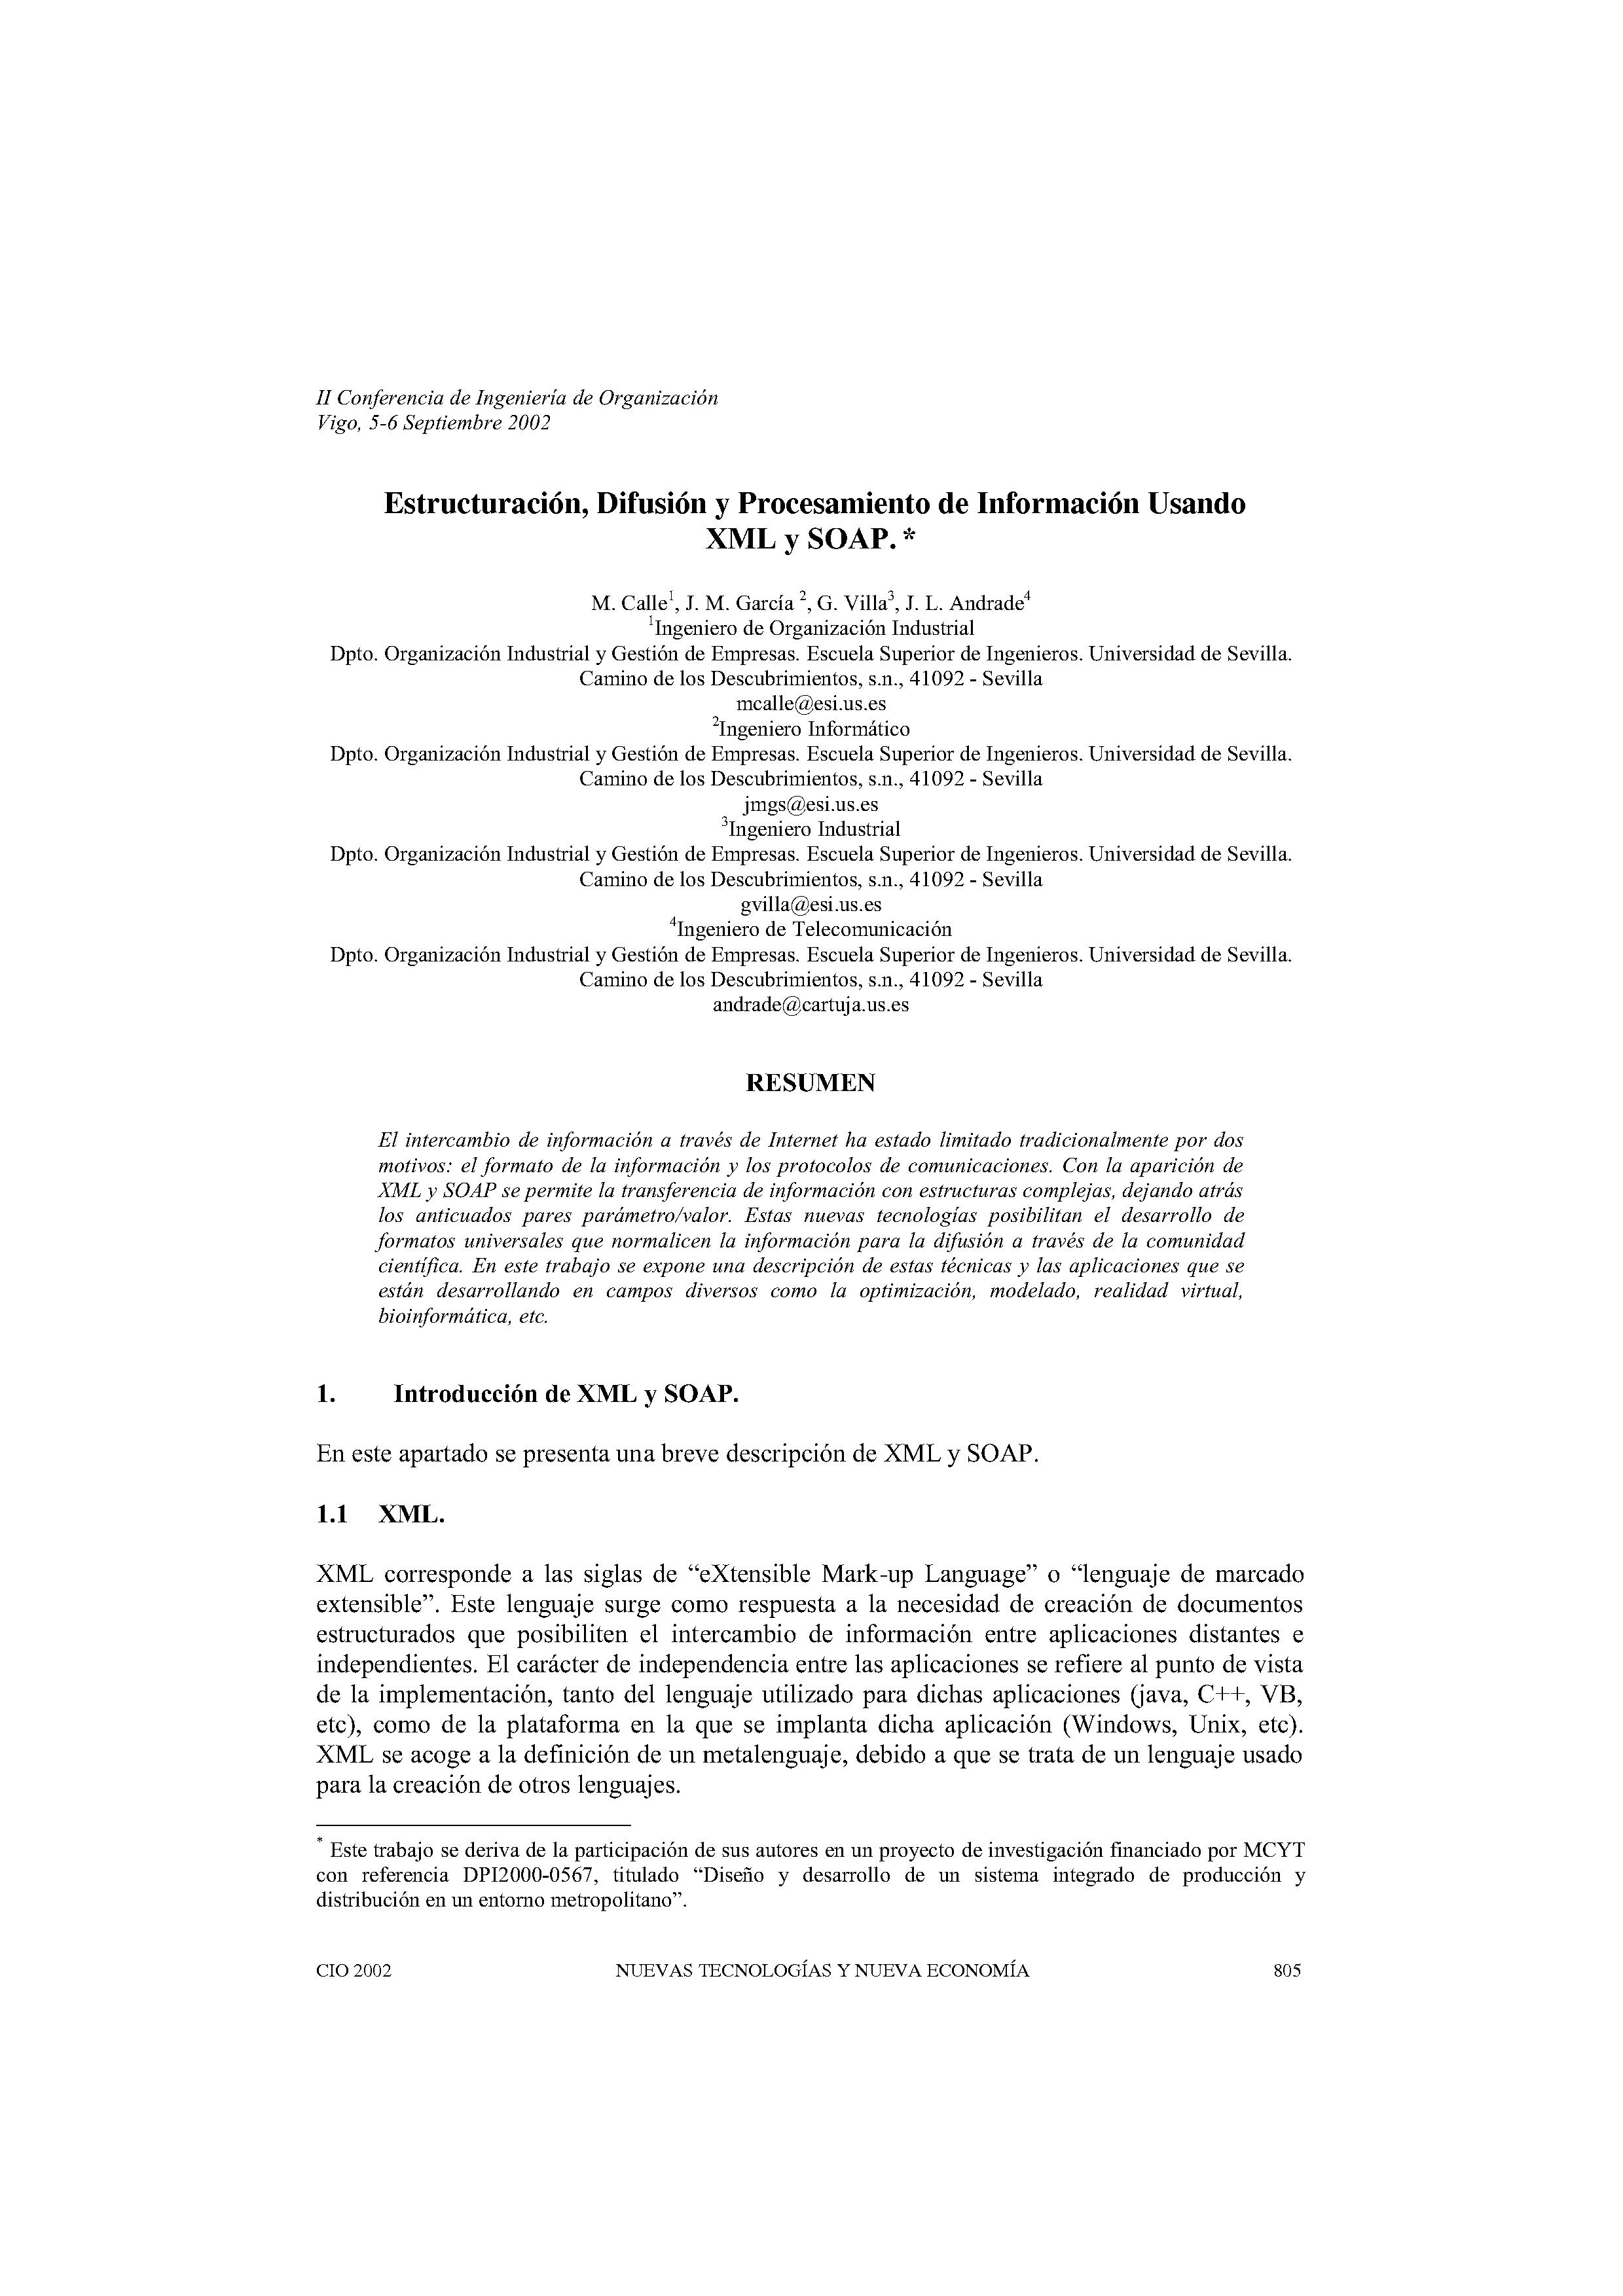 Estructuración, Difusión y Procesamiento de Información Usando  XML y SOAP. *